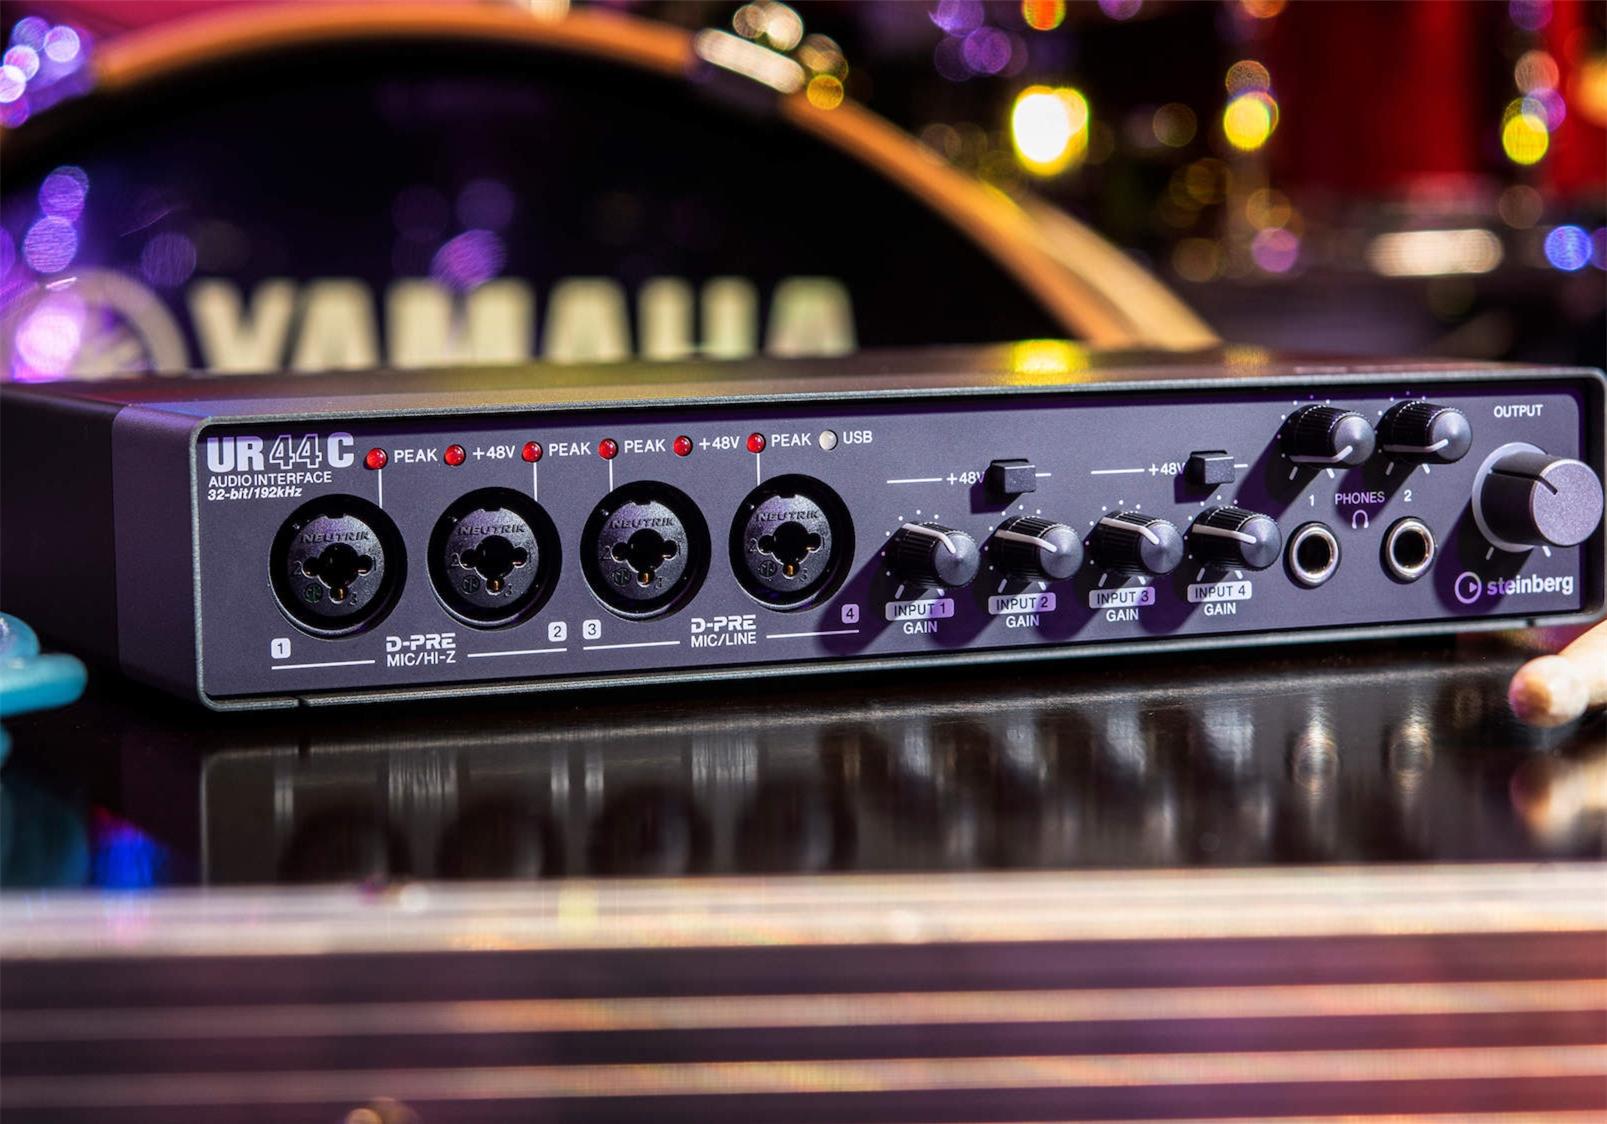 便携式音频接口雅马哈UR44C怎么样?雅马哈UR22C声卡产品介绍